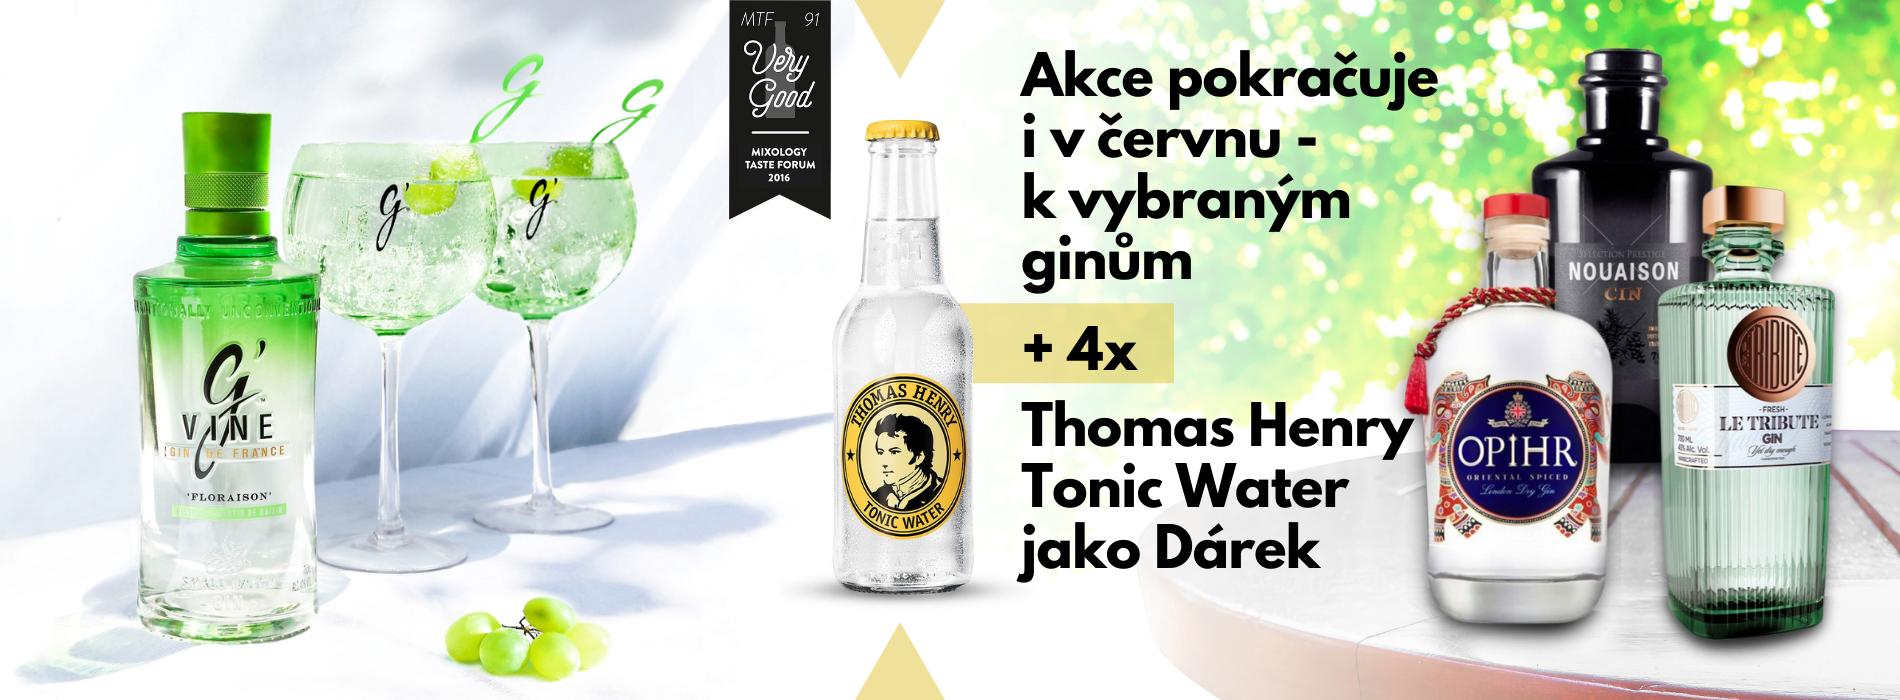 I v červnu výběr Ginů + 4x Thomas Henry Tonic Water